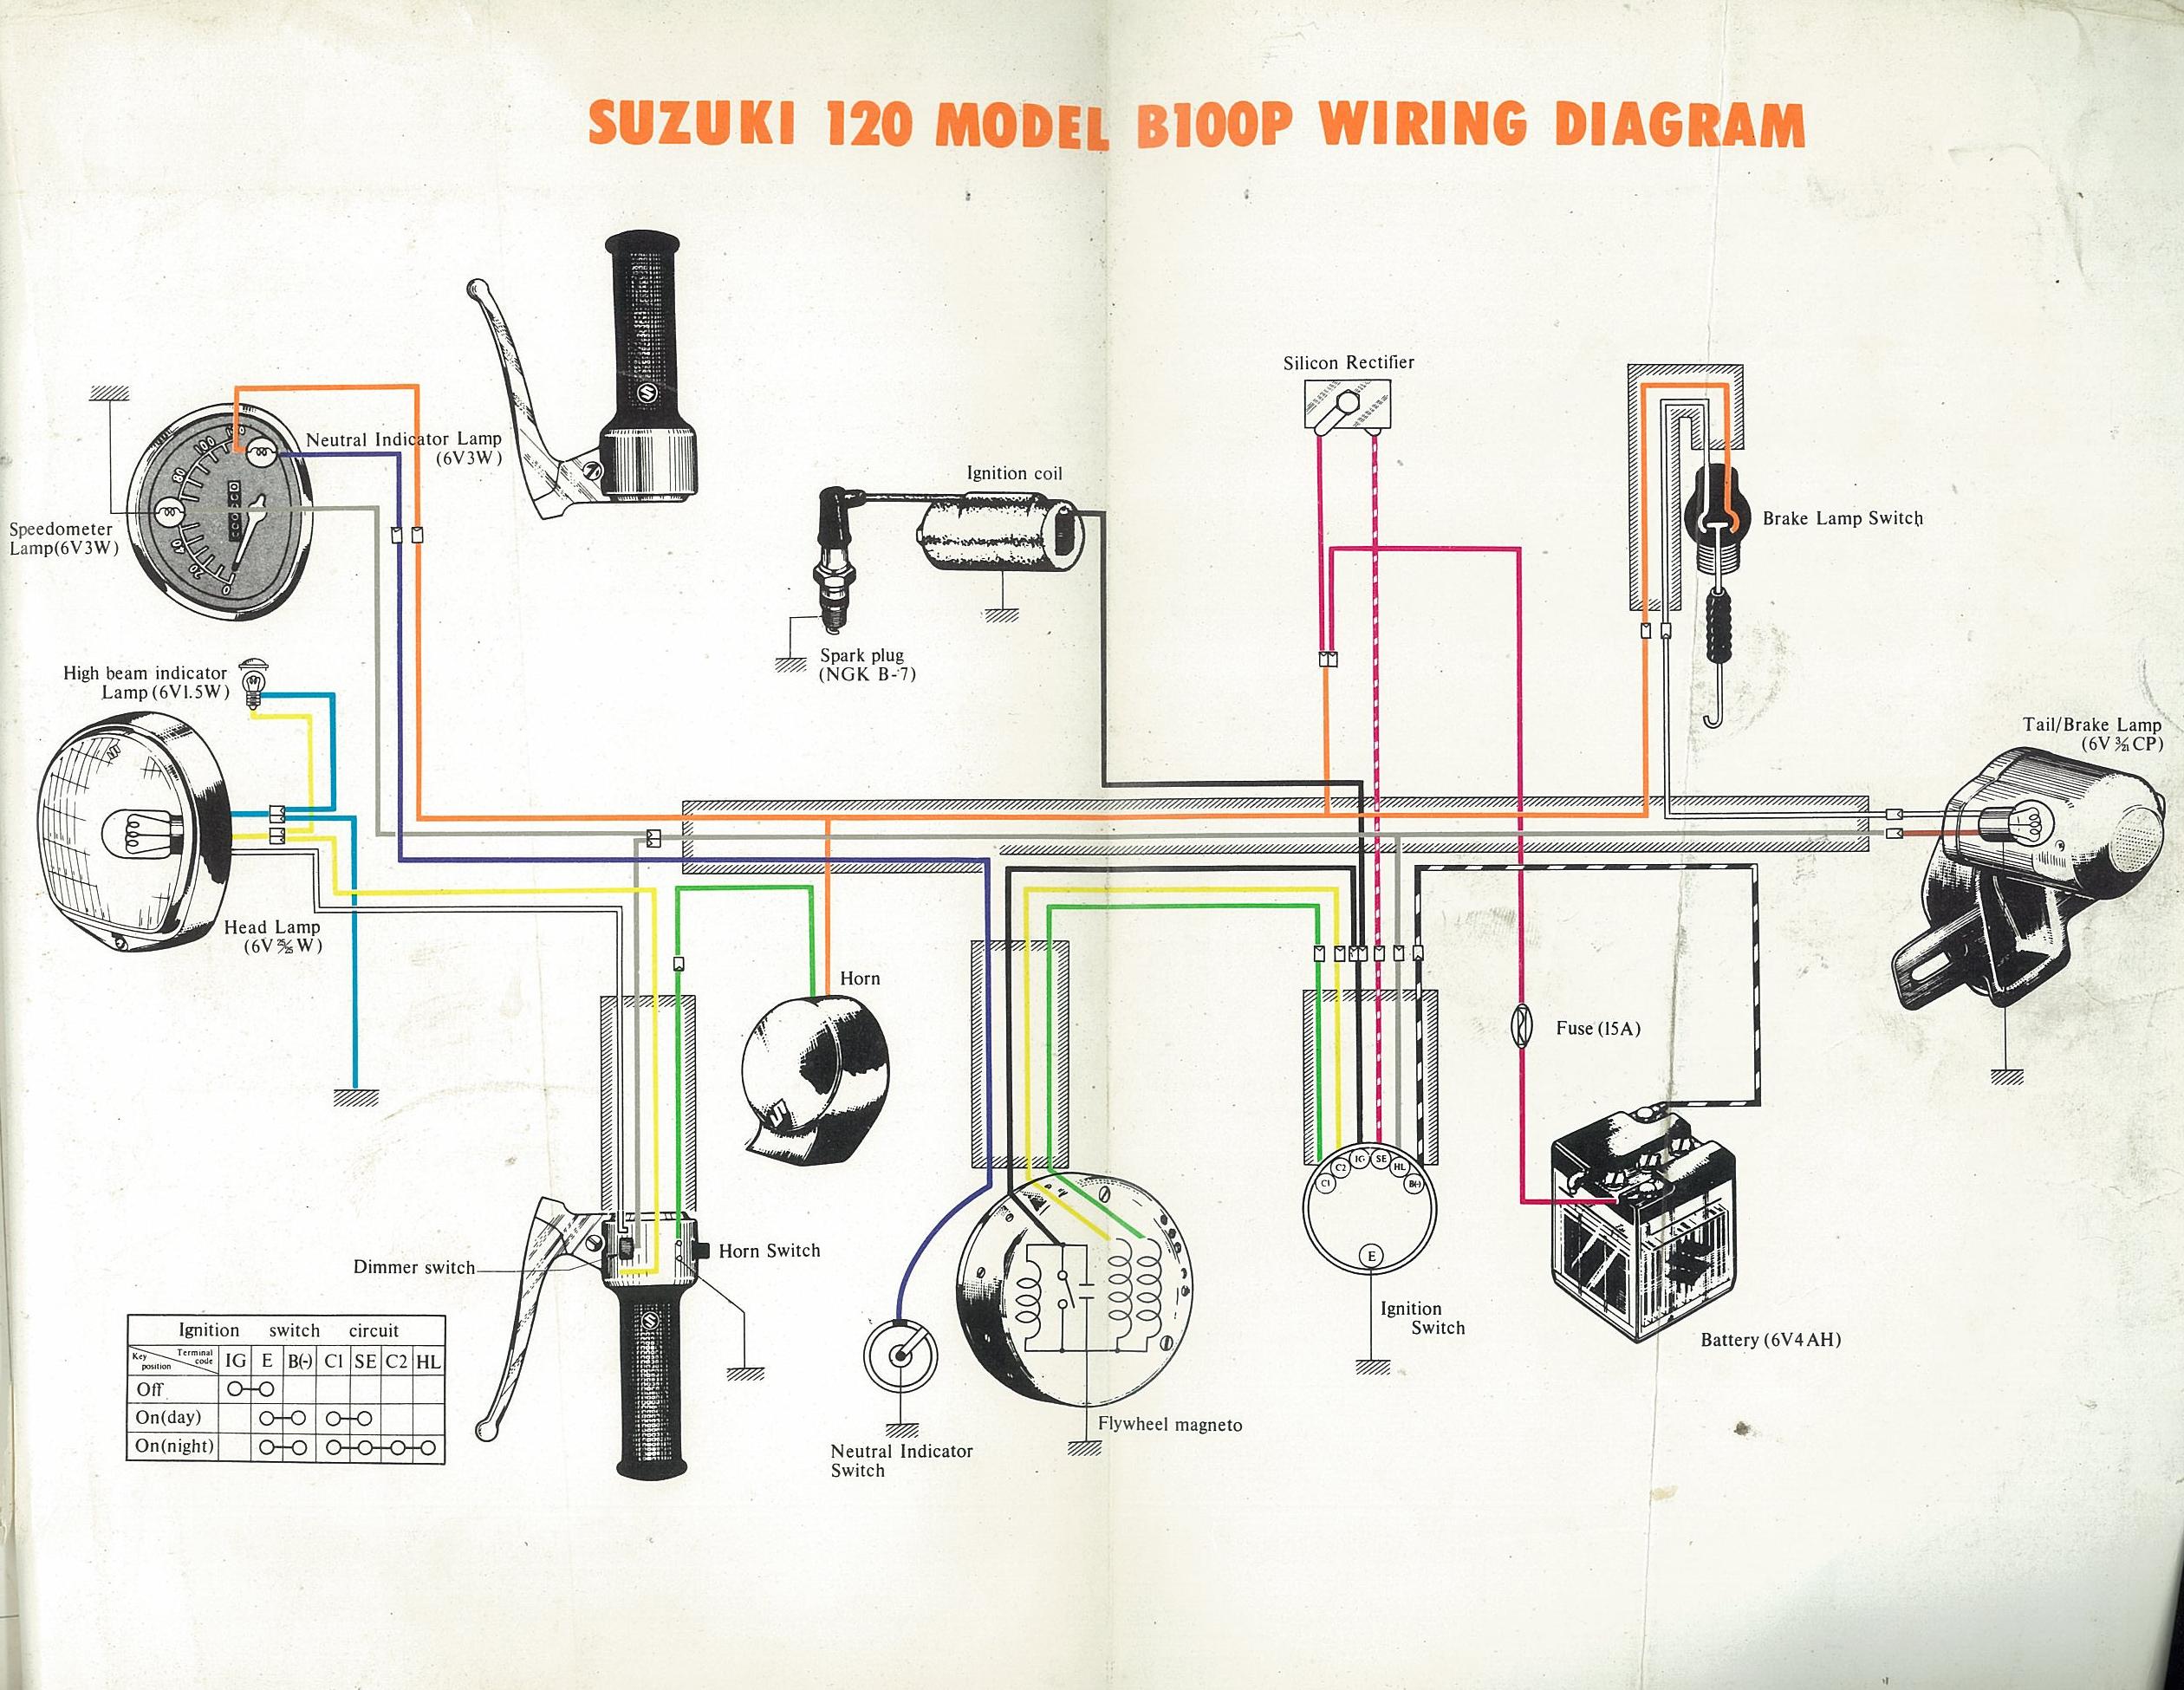 [SCHEMATICS_48EU]  5915 Wiring Diagram Of Suzuki Access - Wiring Diagram L3 | Wiring Library | Wiring Diagram Of Suzuki Access |  | Wiring Library